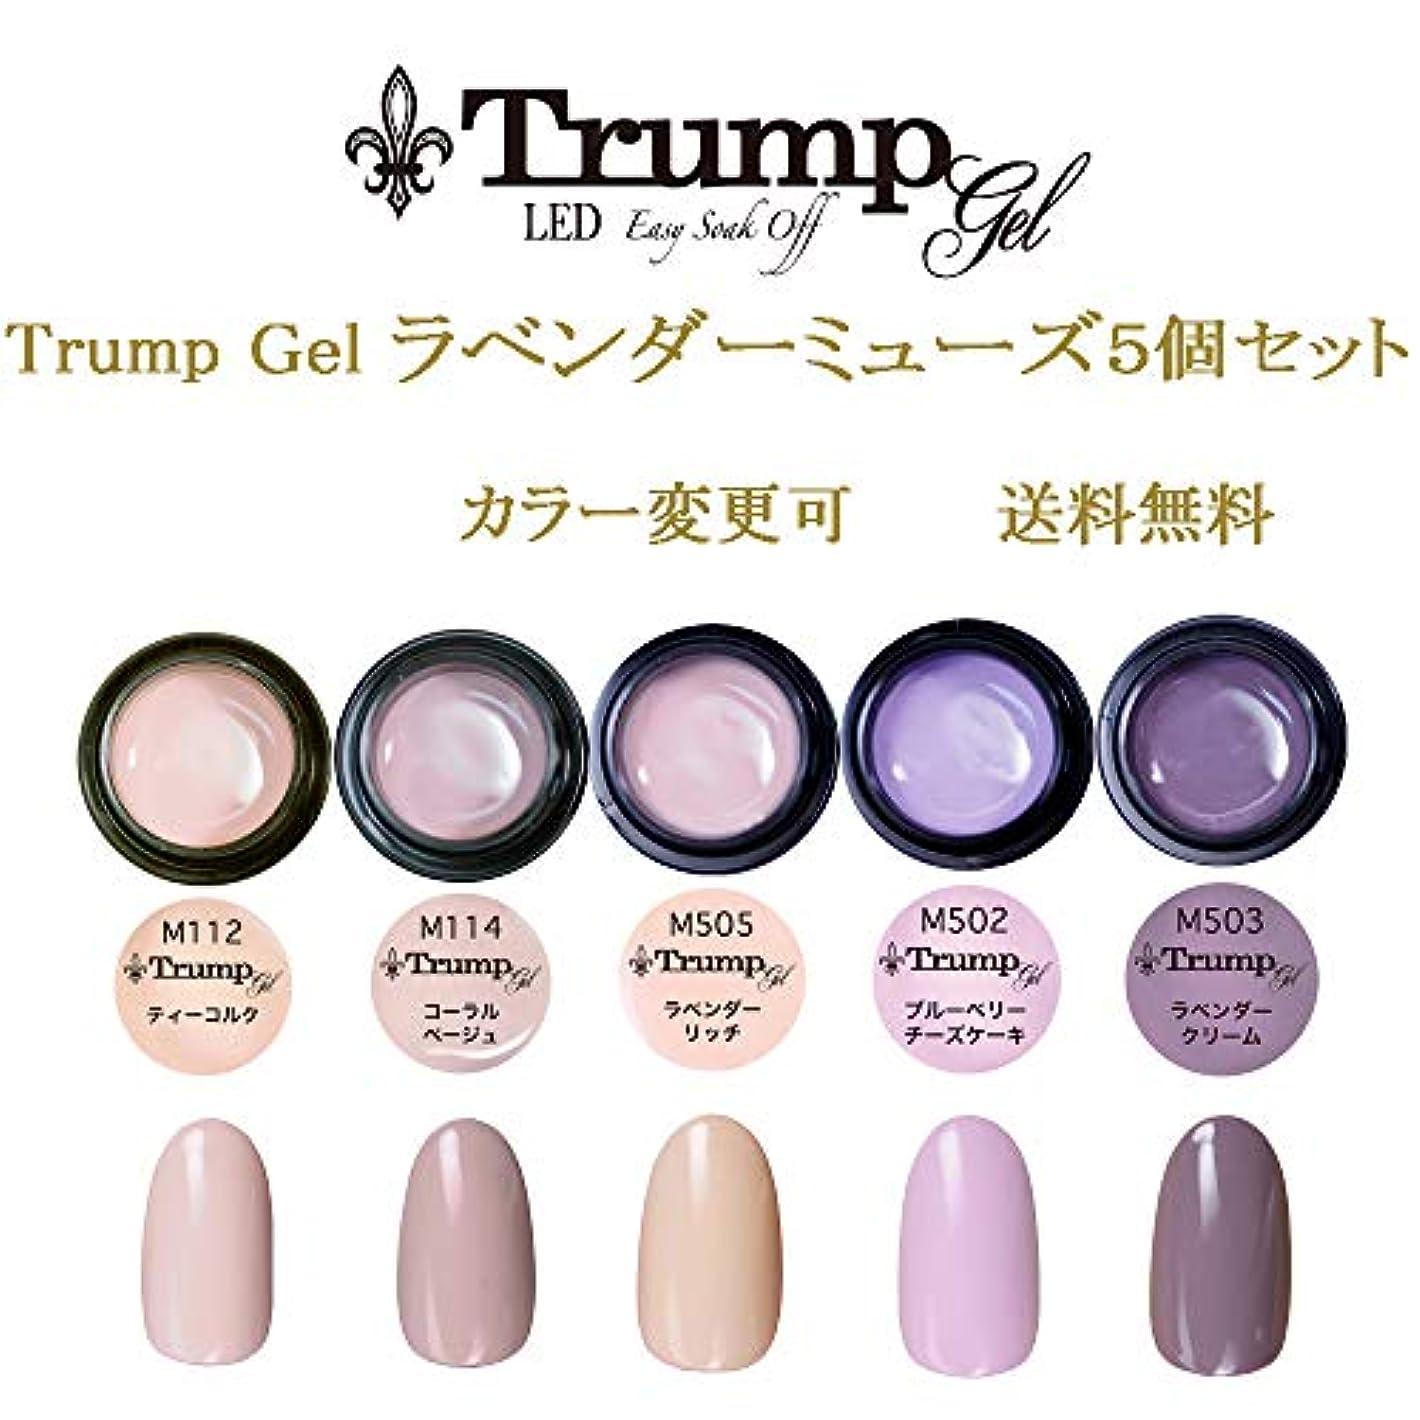 ポインタデザイナー不信日本製 Trump gel トランプジェル ラベンダーミューズカラー 選べる カラージェル 5個セット ピンク ベージュ ラベンダーカラー